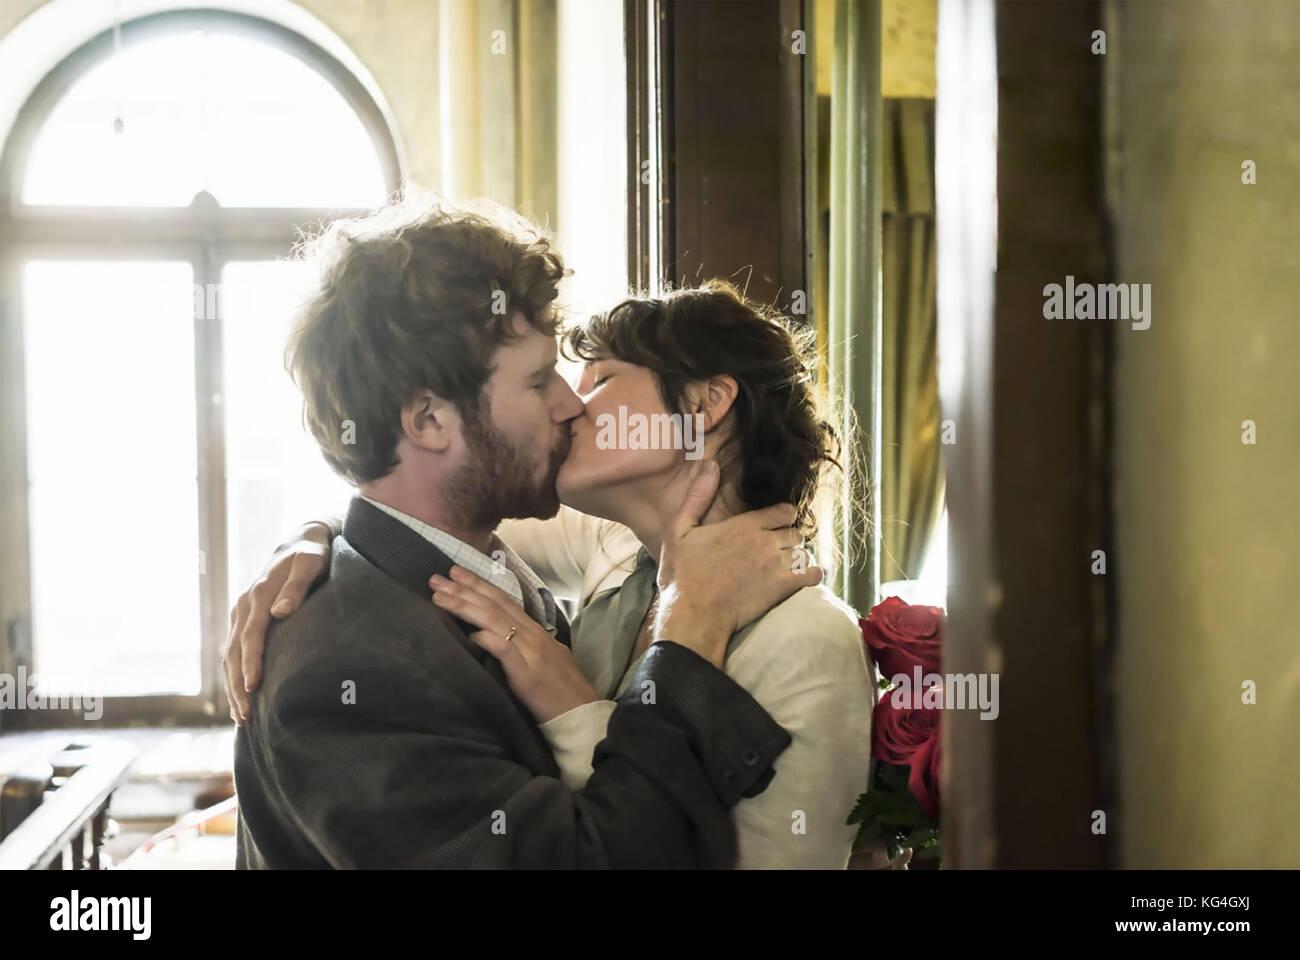 La historia de amor 2016 un 2.4.7 films con Gemma Arterton y Mark rendall Imagen De Stock